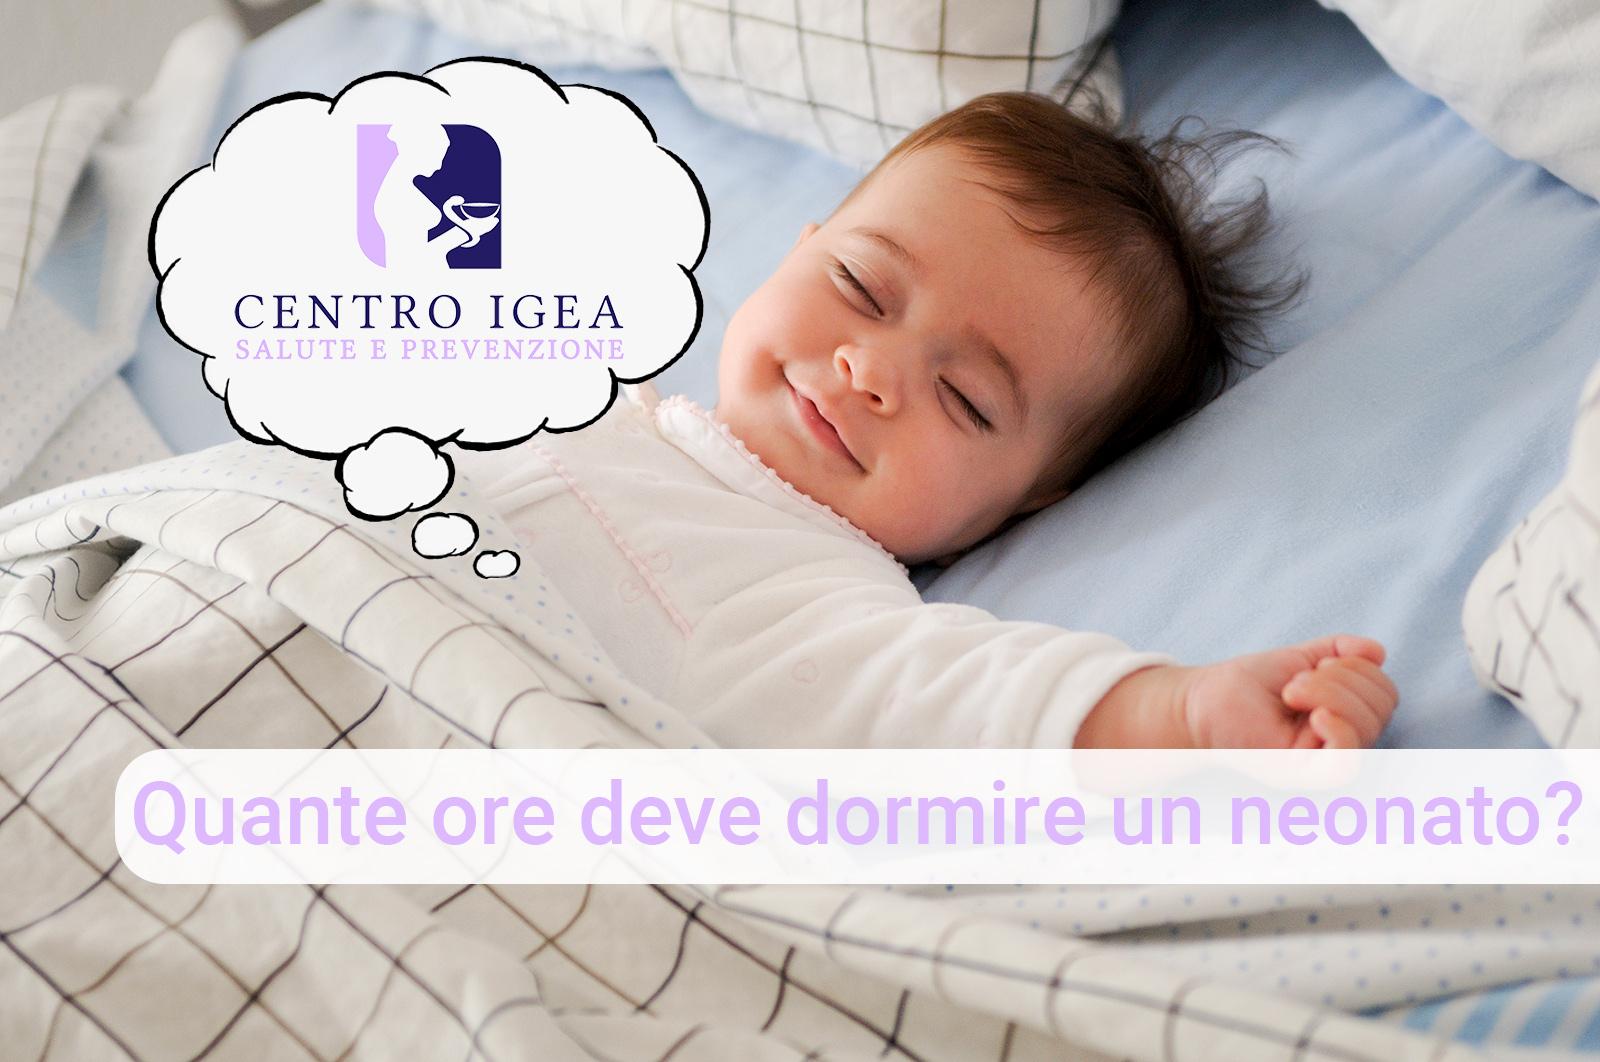 Neonato dorme nel letto